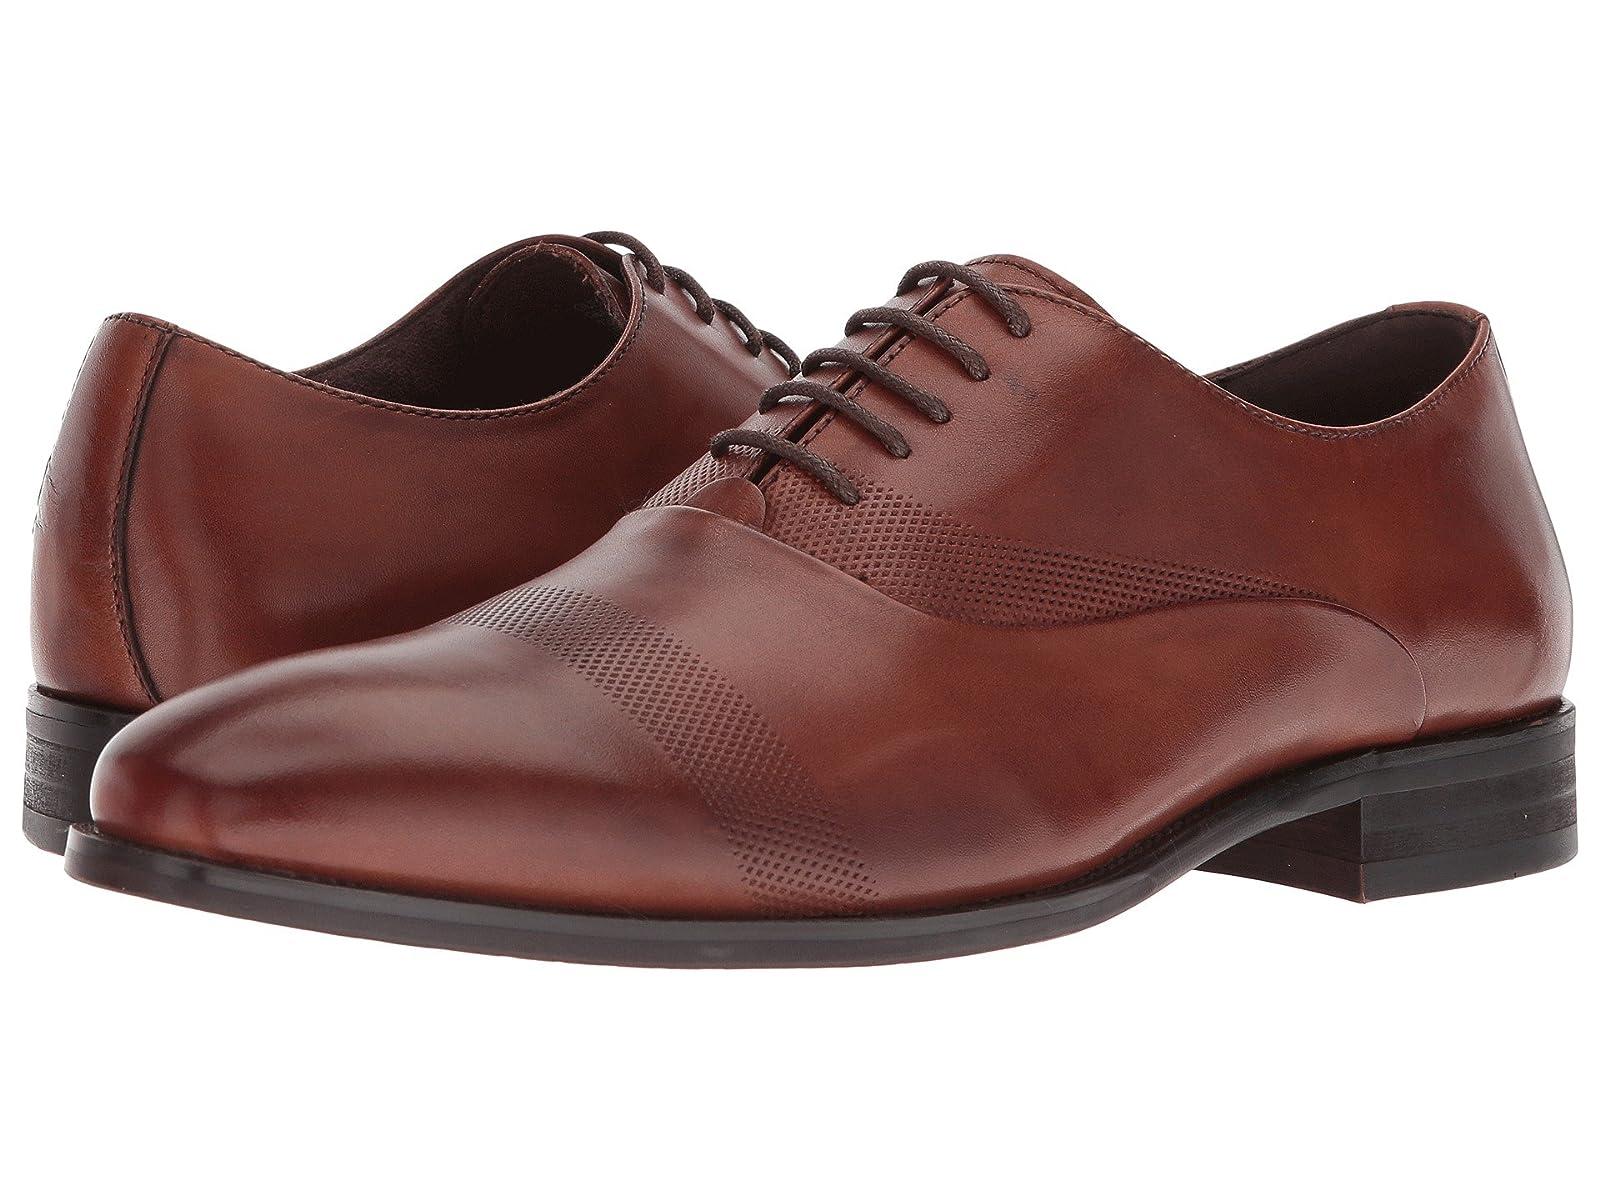 Steve Madden GleasonAtmospheric grades have affordable shoes